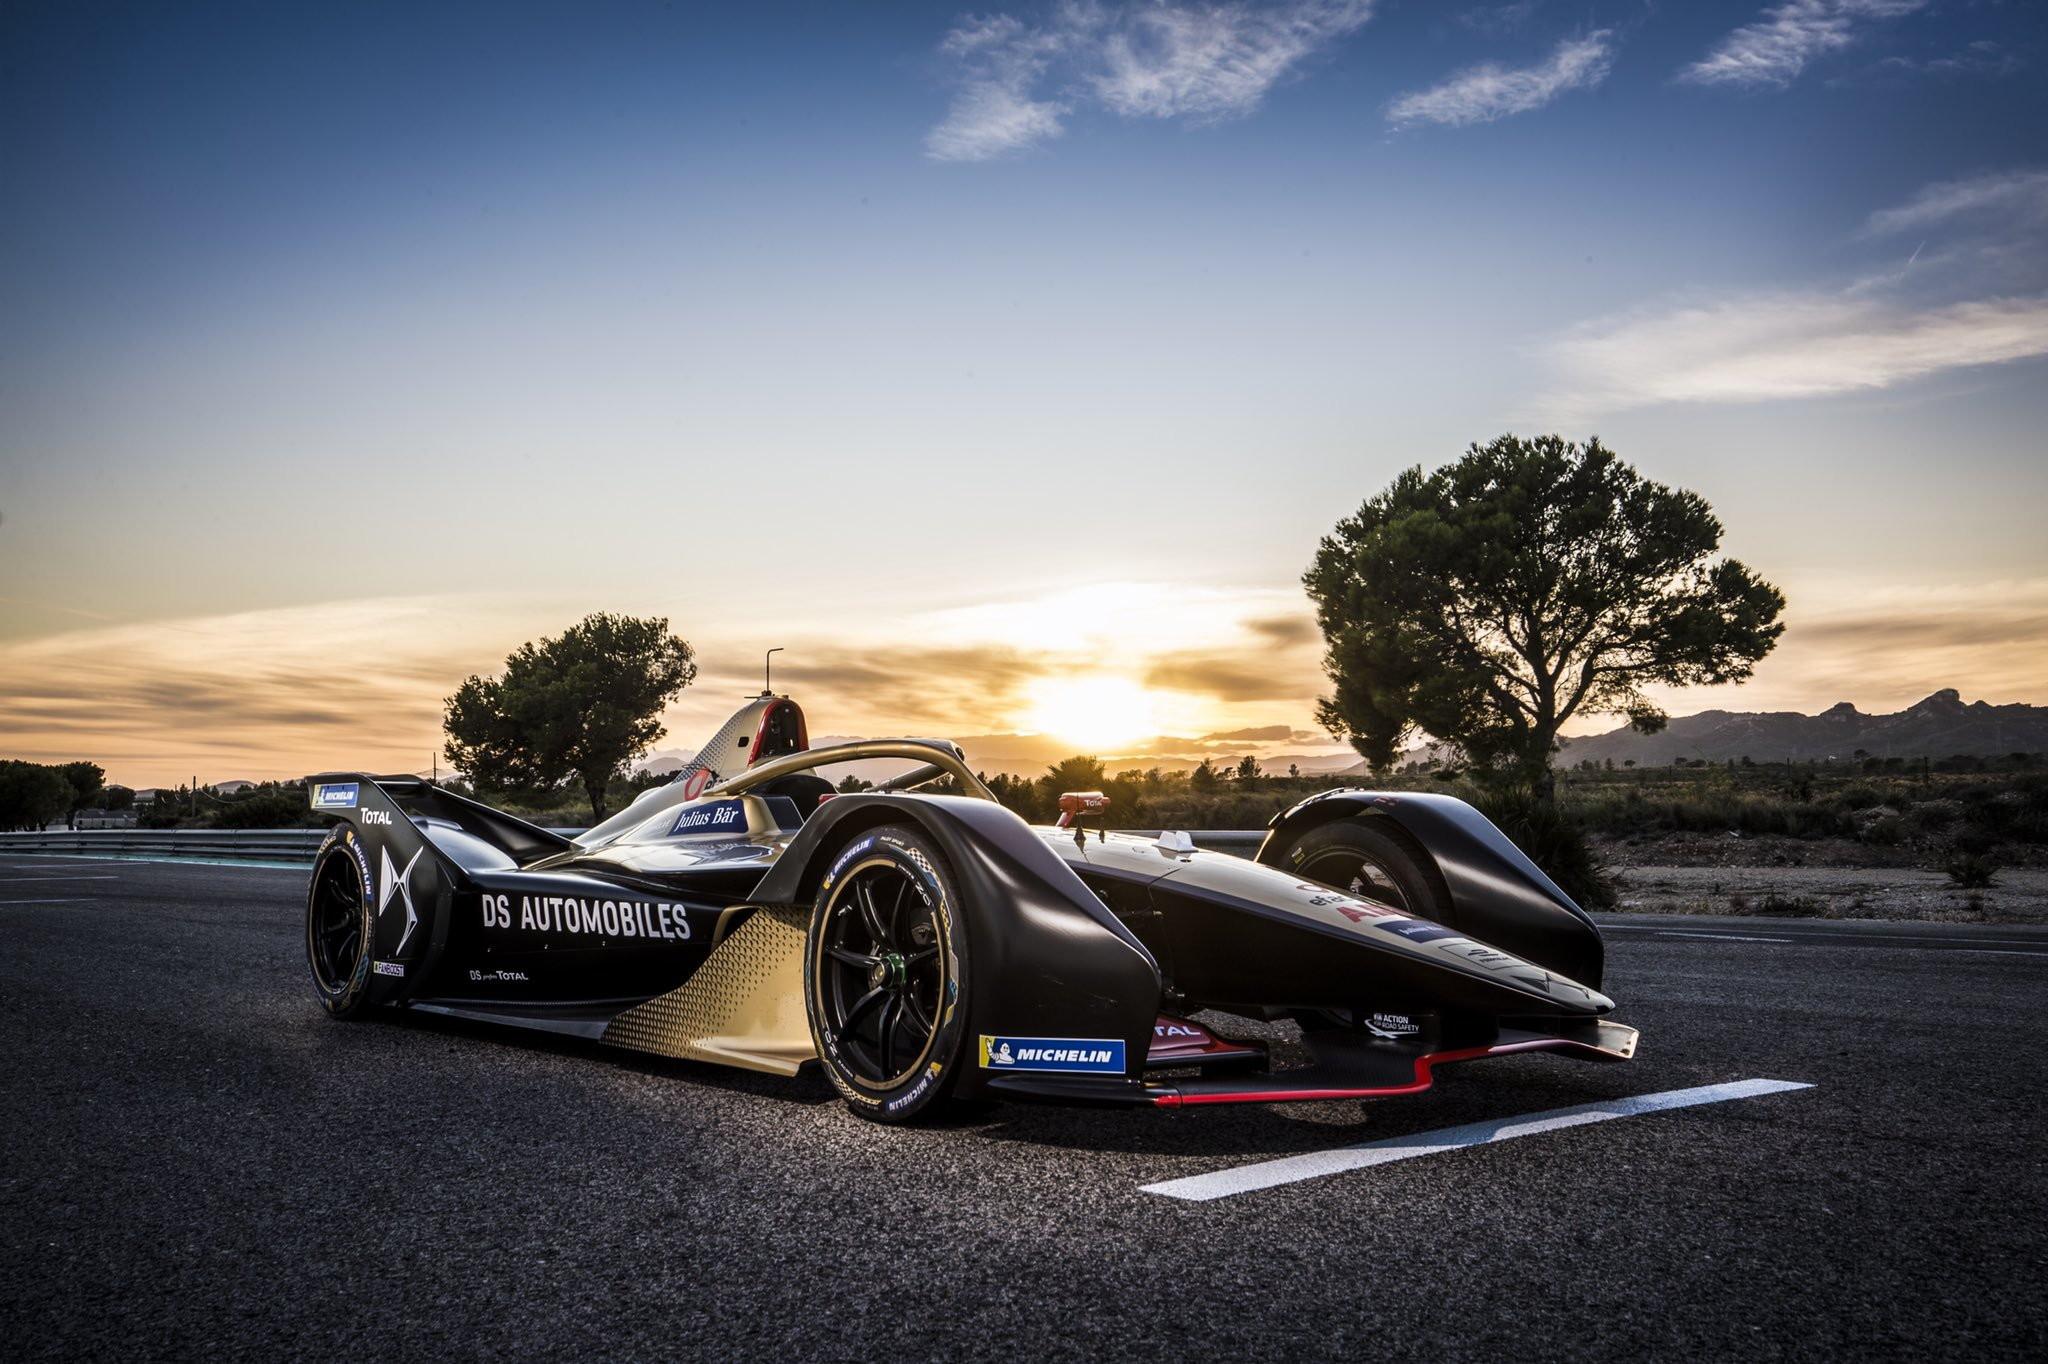 Il team campione in carica mantiene la livrea oro e nera anche per la Season 6di Formula E. L'auto di Vergne sarà decorata con due stelle dorate per celebrare i due titoli Mondiali.